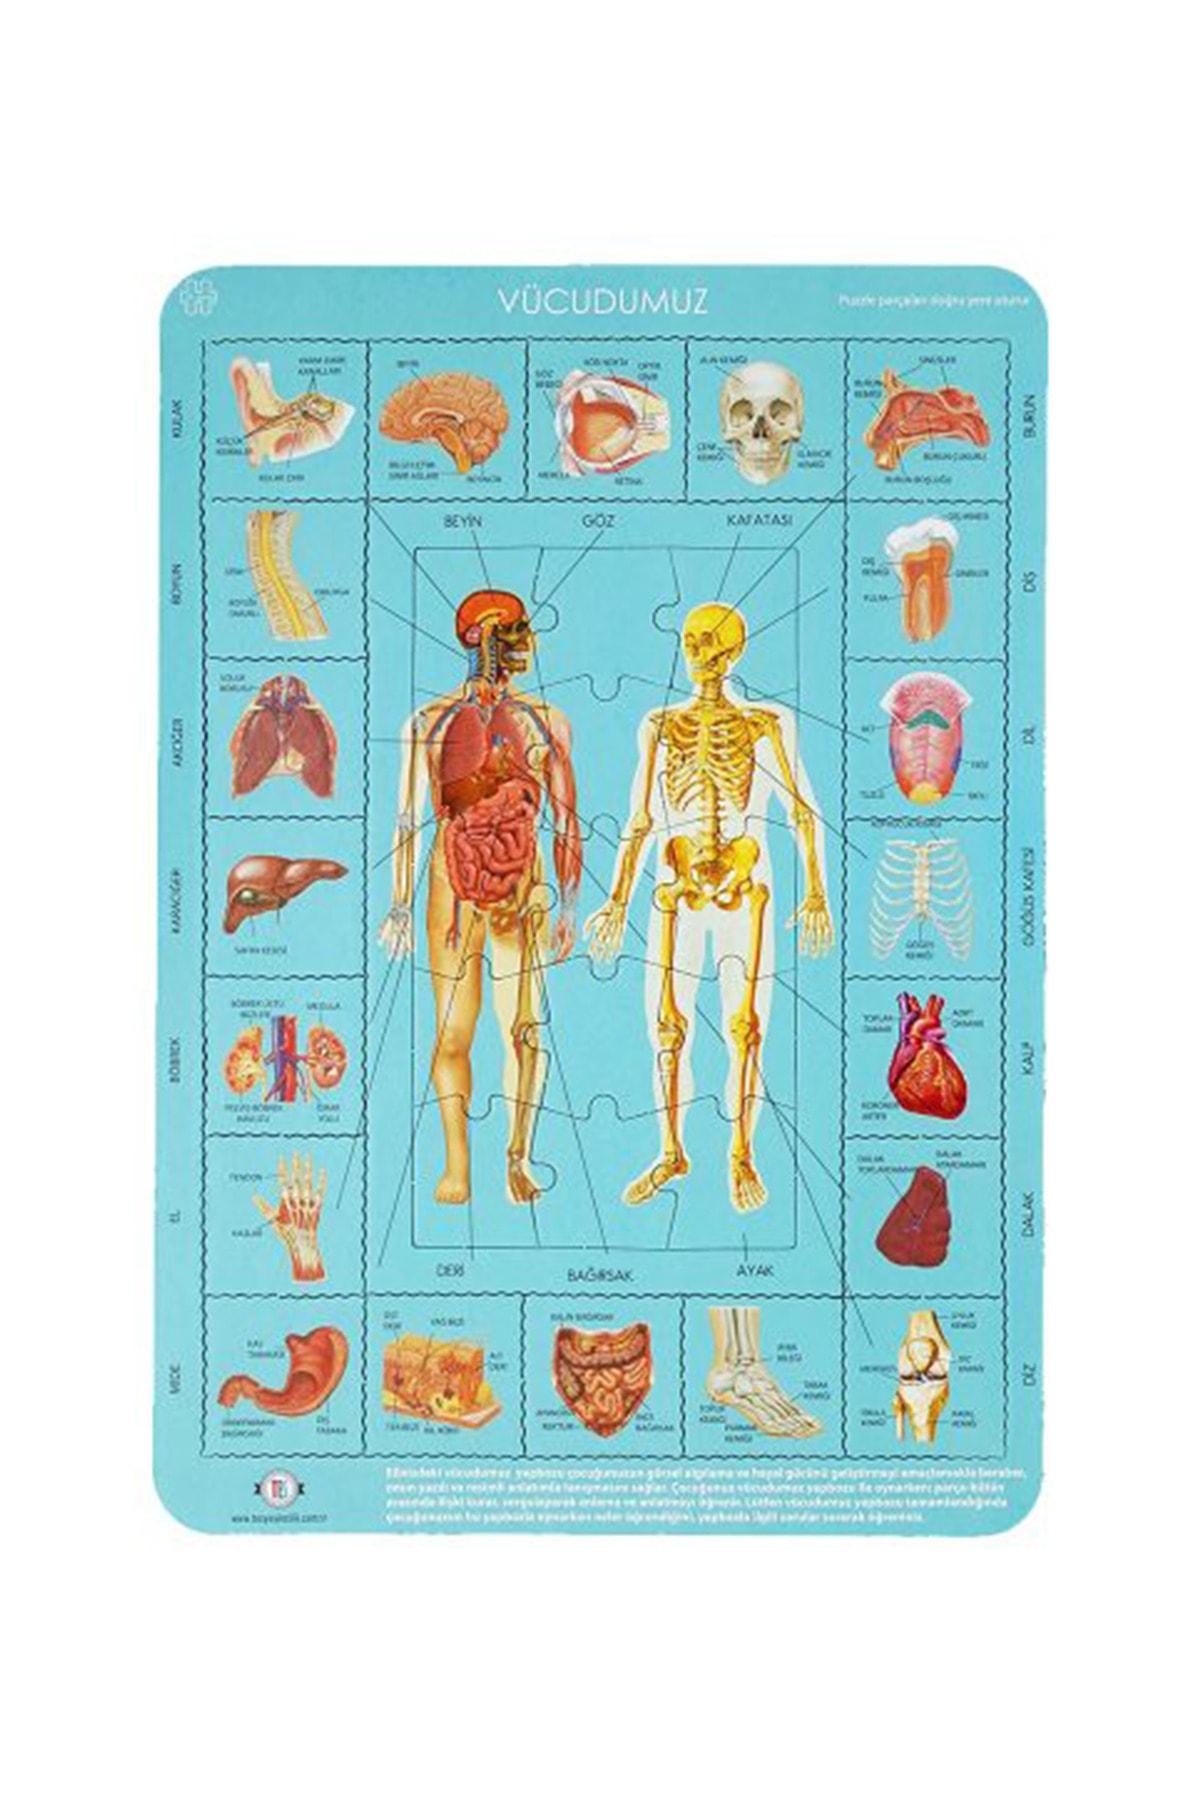 Tes Yayıncılık Vücudumuzu Tanıyalım Puzzle 35 Parça 28x40 Cm 1